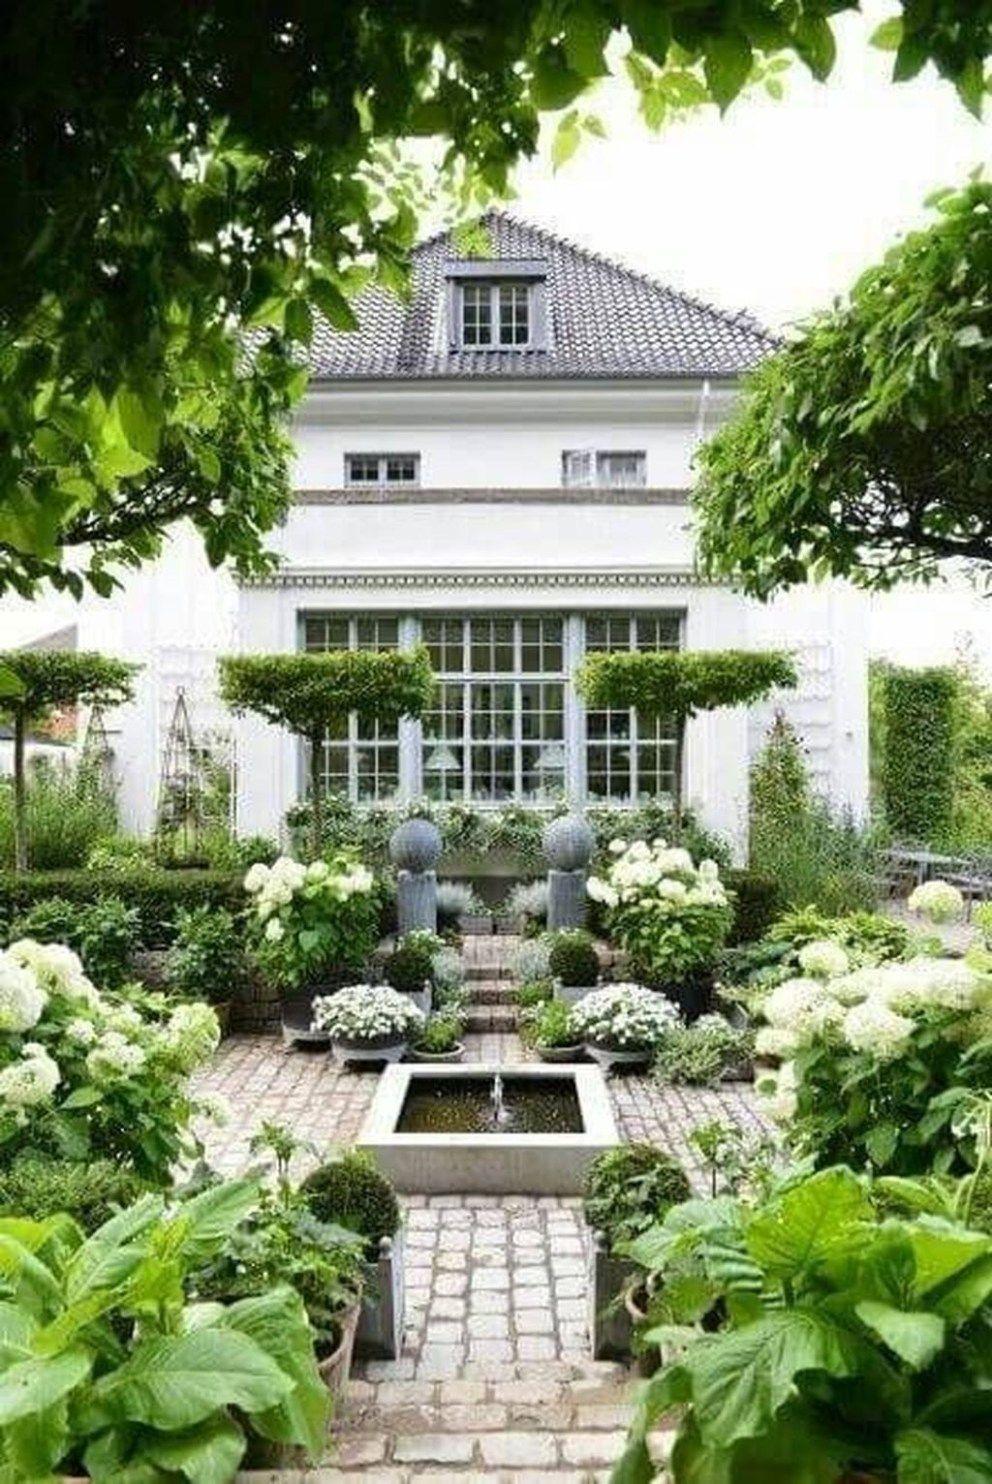 Photo of 47 Lovely Small Courtyard Garden Design Ideas For Home – decoomo.com